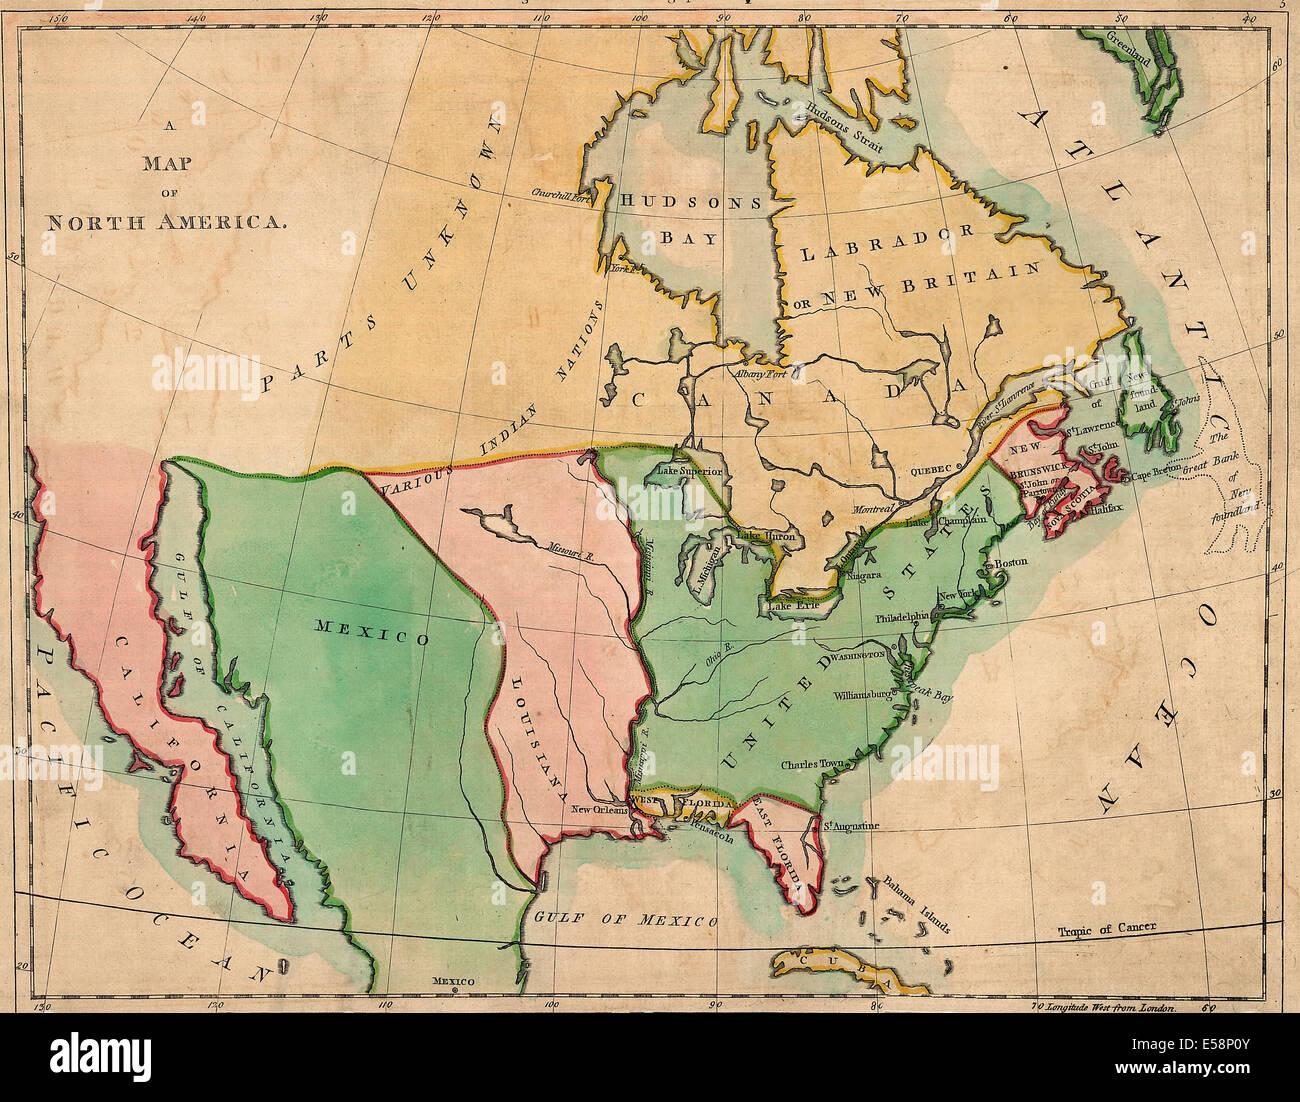 Eine Karte von Nordamerika; Überblick über Nordamerika, in der Karte entsprechen. 1803 Stockbild